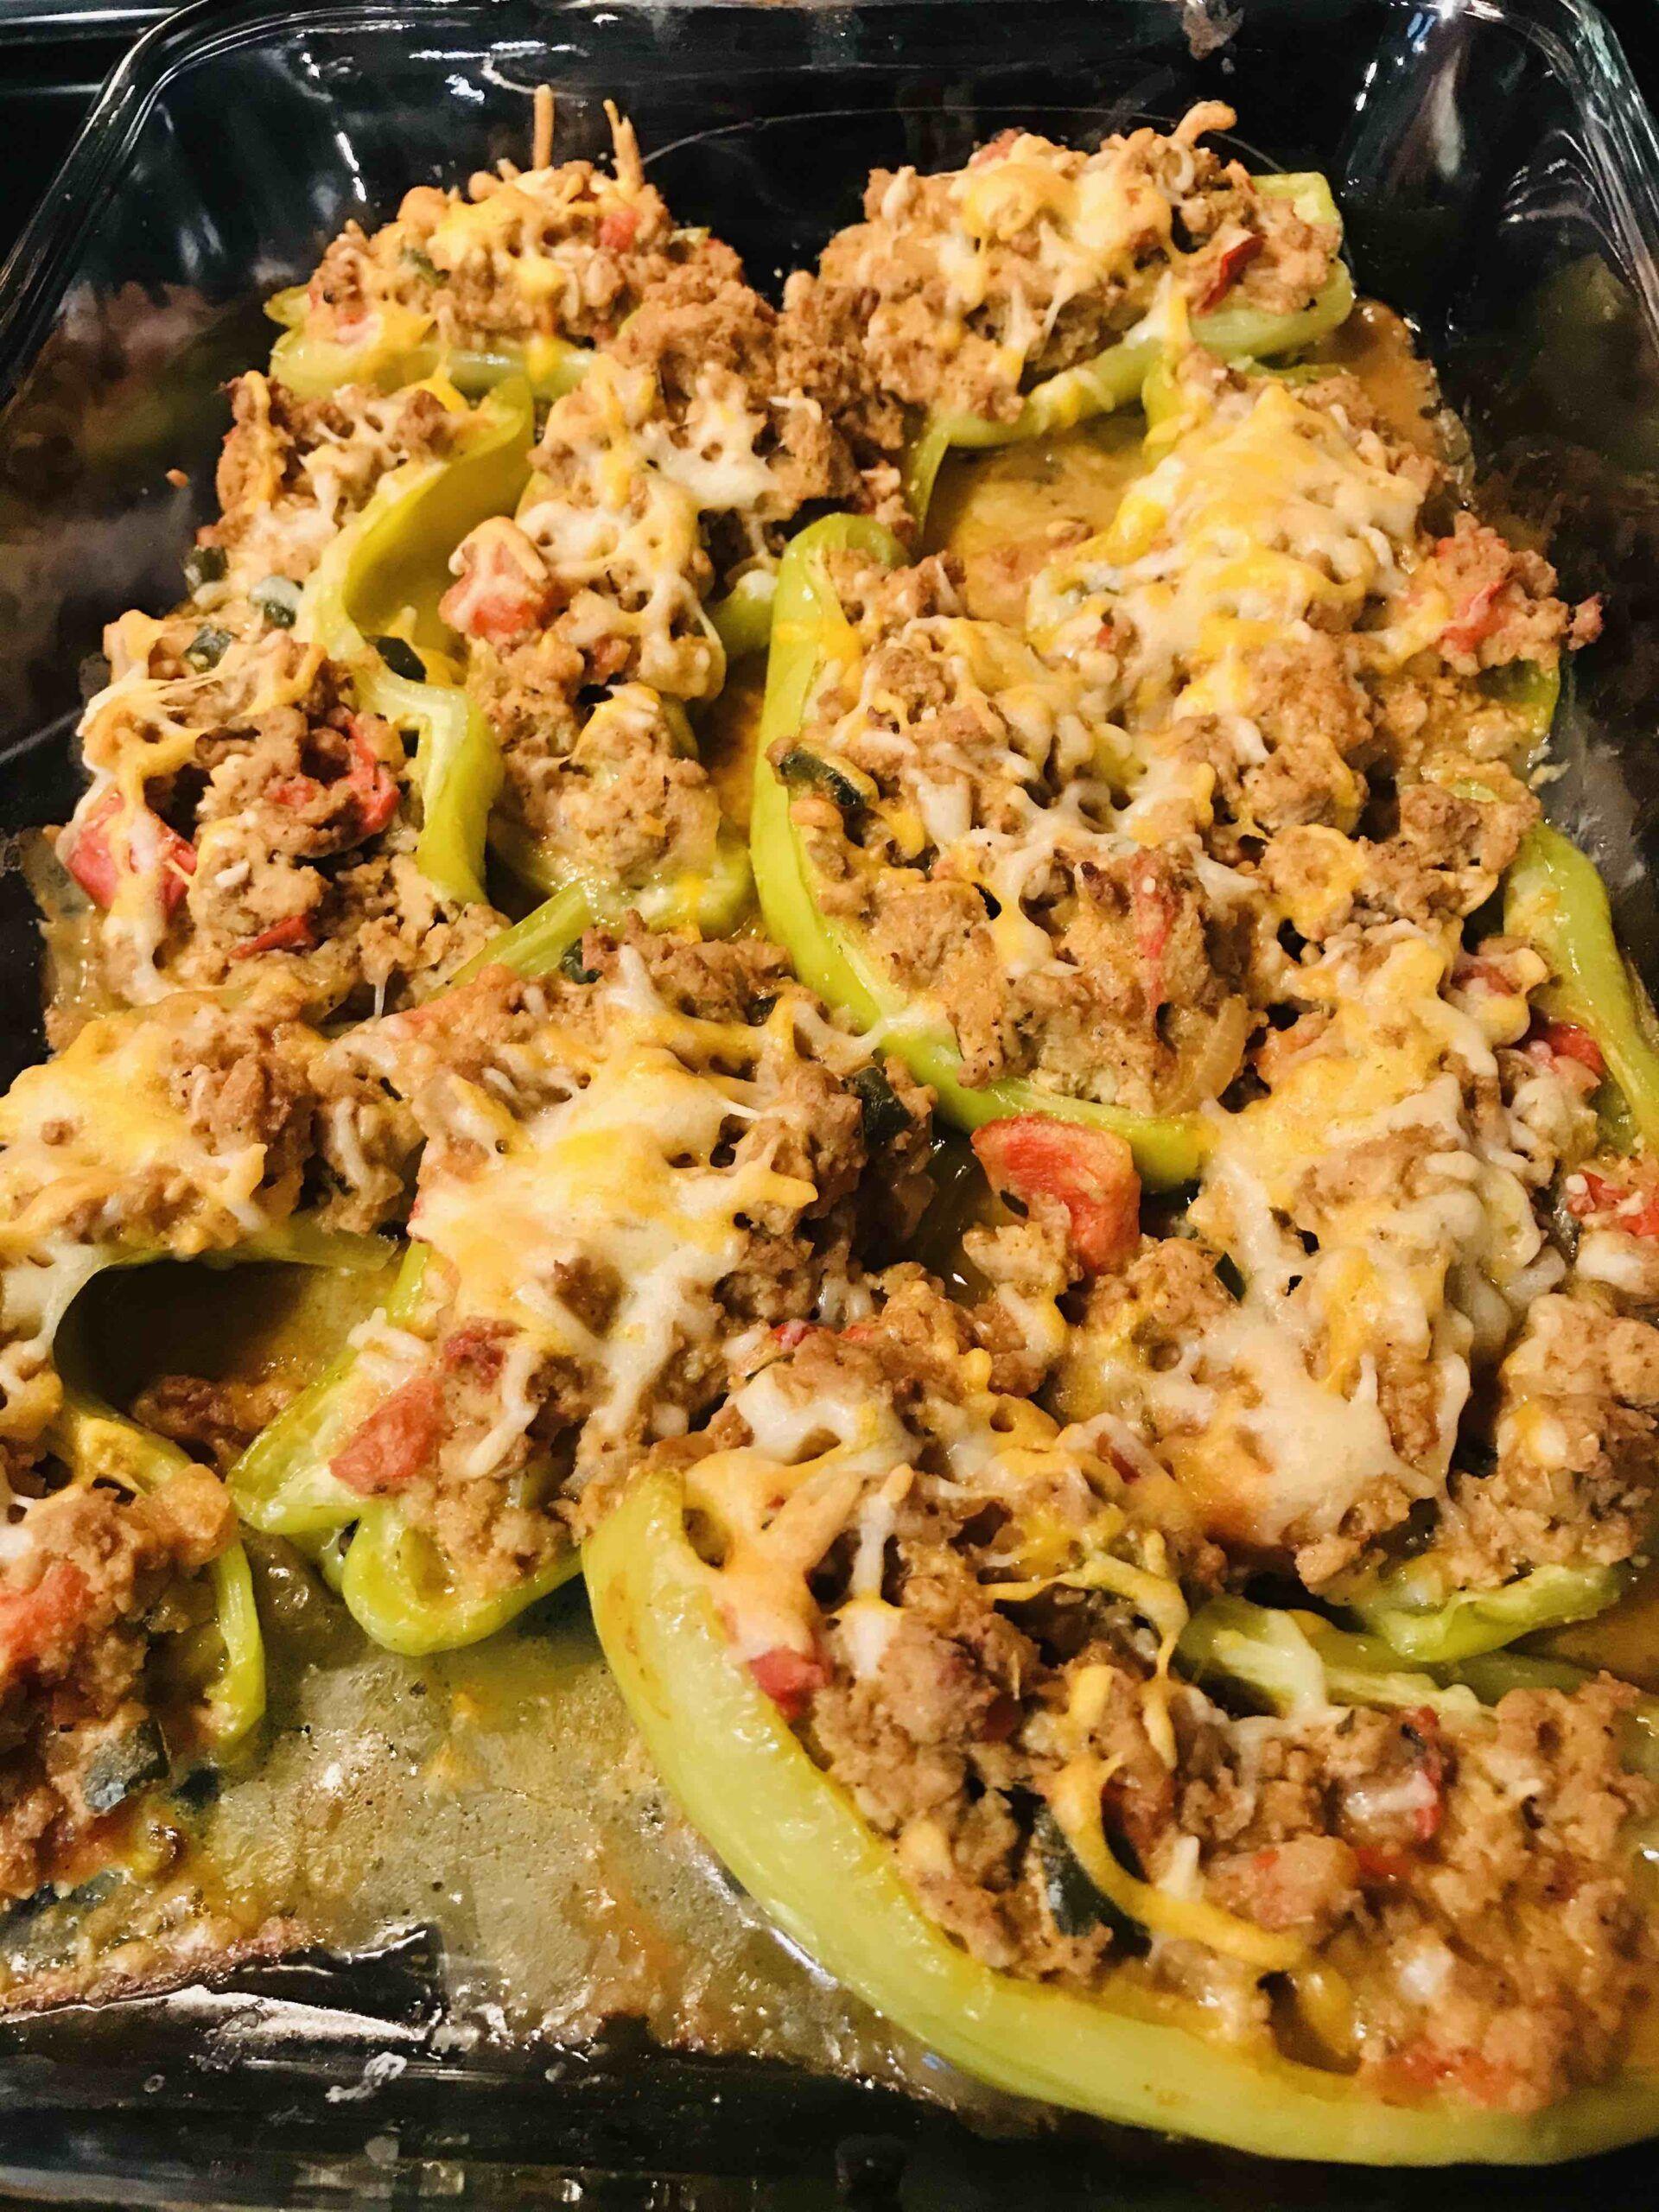 Taco Turkey Stuffed Cubanelle Peppers Recipe In 2020 Stuffed Peppers Cubanelle Pepper Mexican Food Recipes